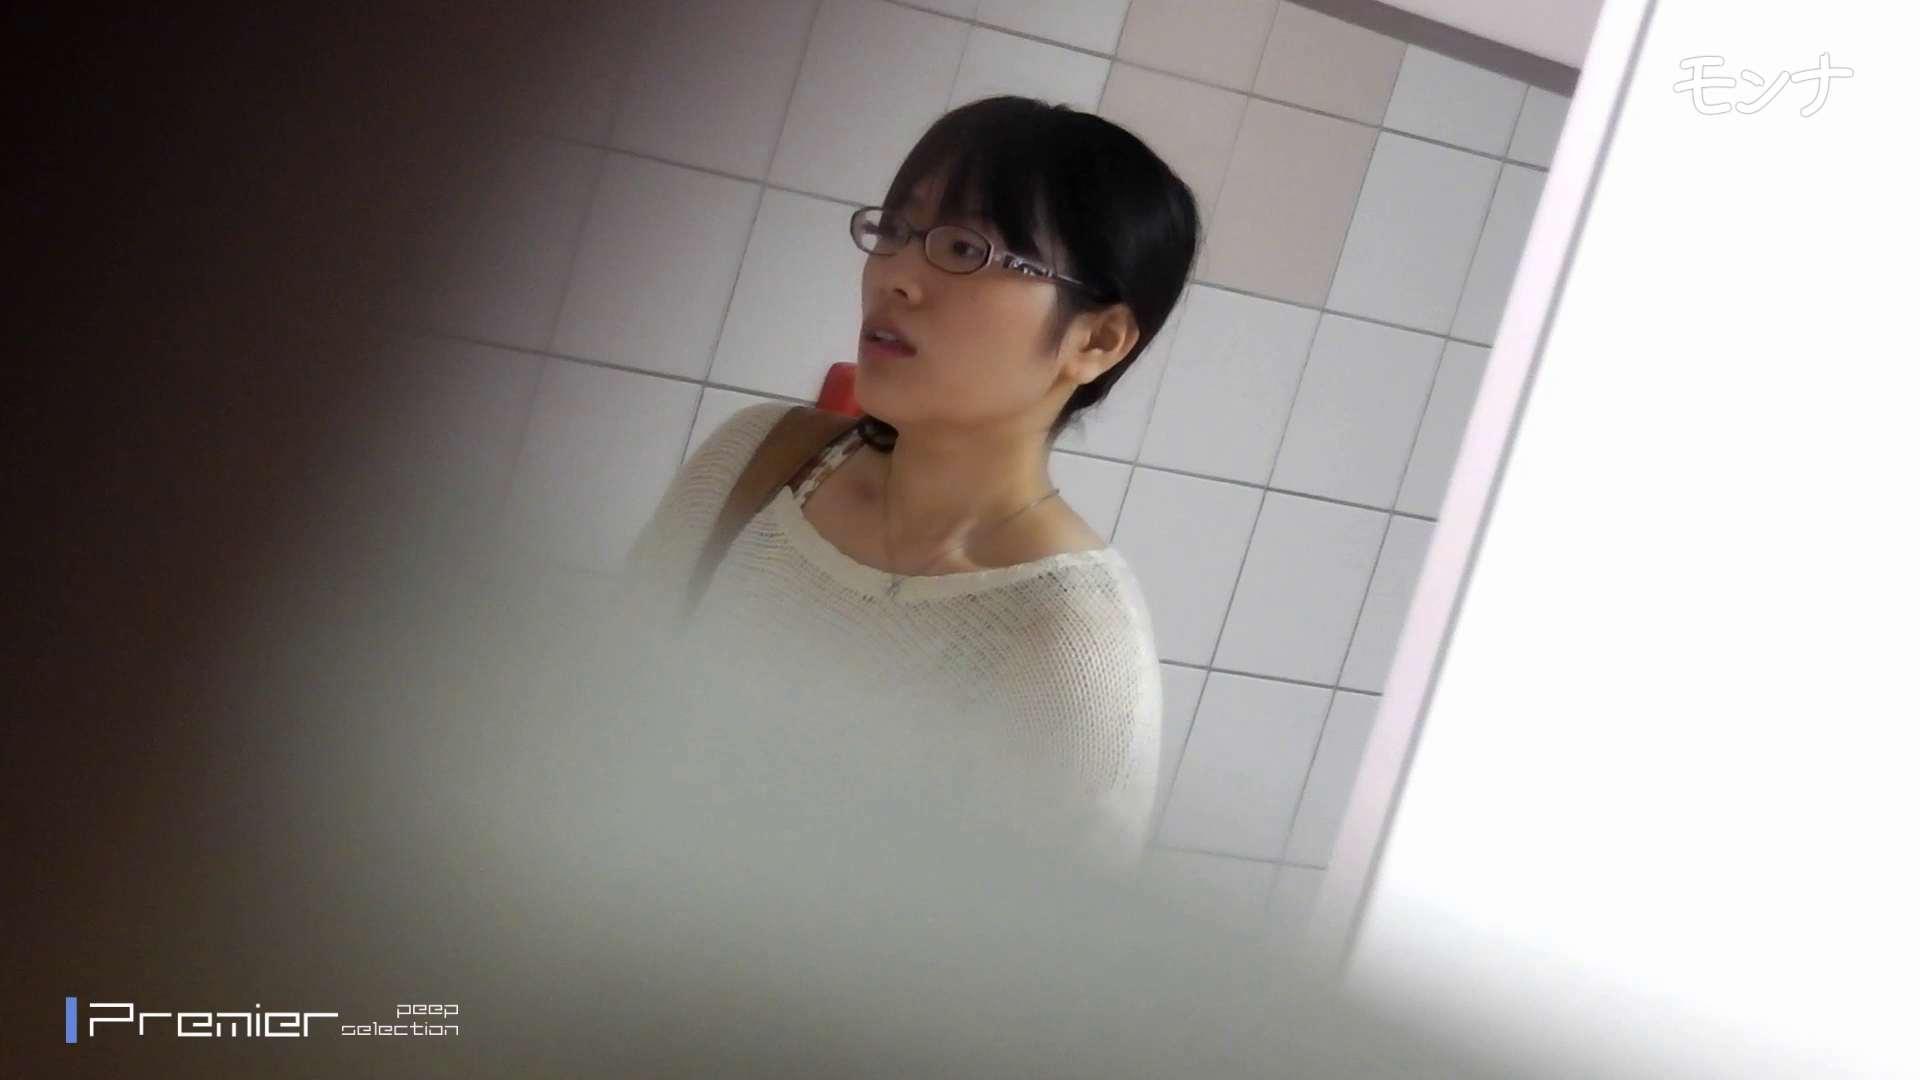 美しい日本の未来 No.55 普通の子たちの日常調長身あり オマンコ特集 おまんこ動画流出 104pic 33